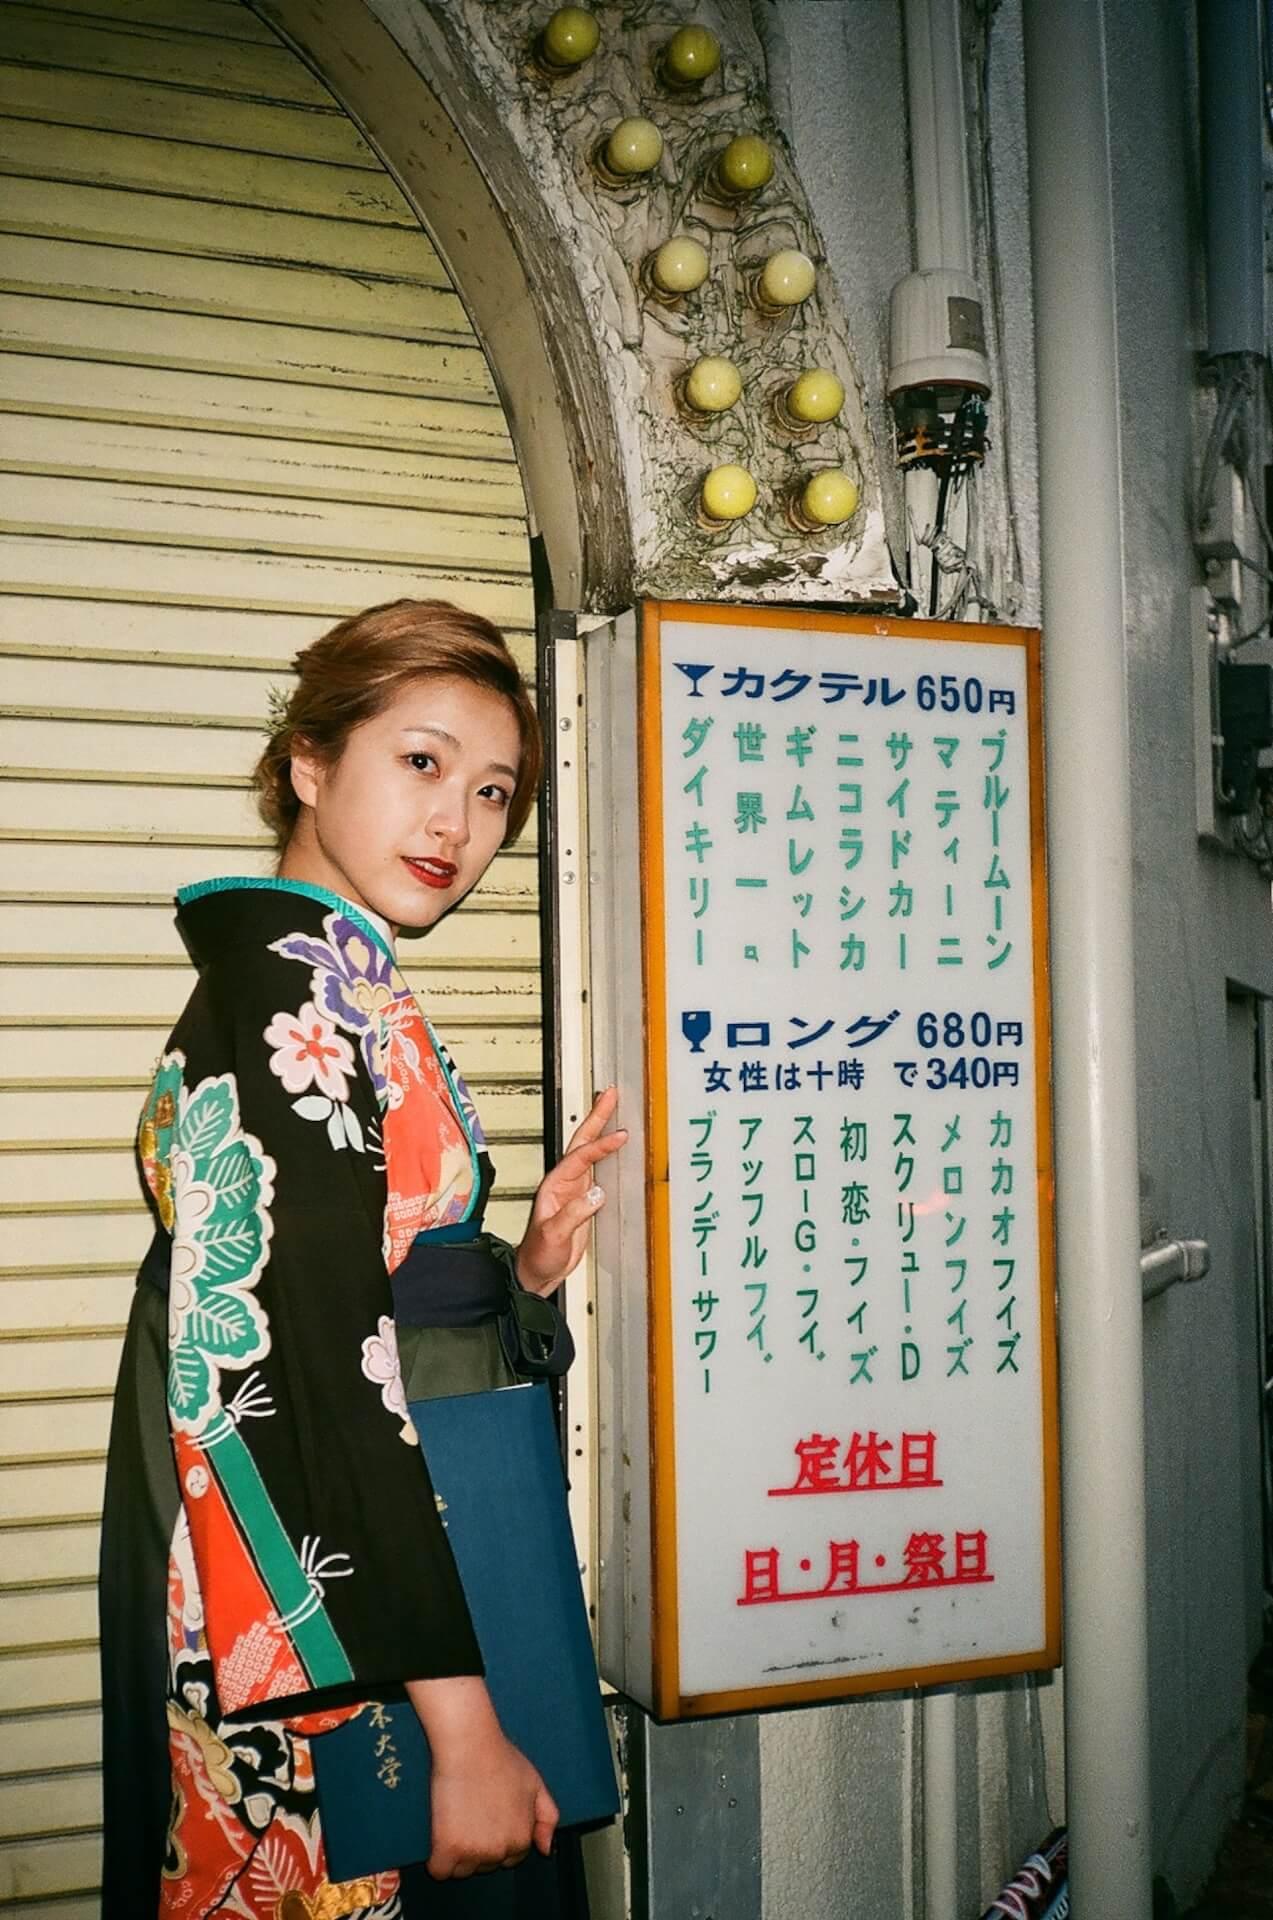 はなむけしゃしん - 竹漫&gk「竹漫は卒漫します2020🌸feat. gk」 art200408_hanamukeshashin4_25